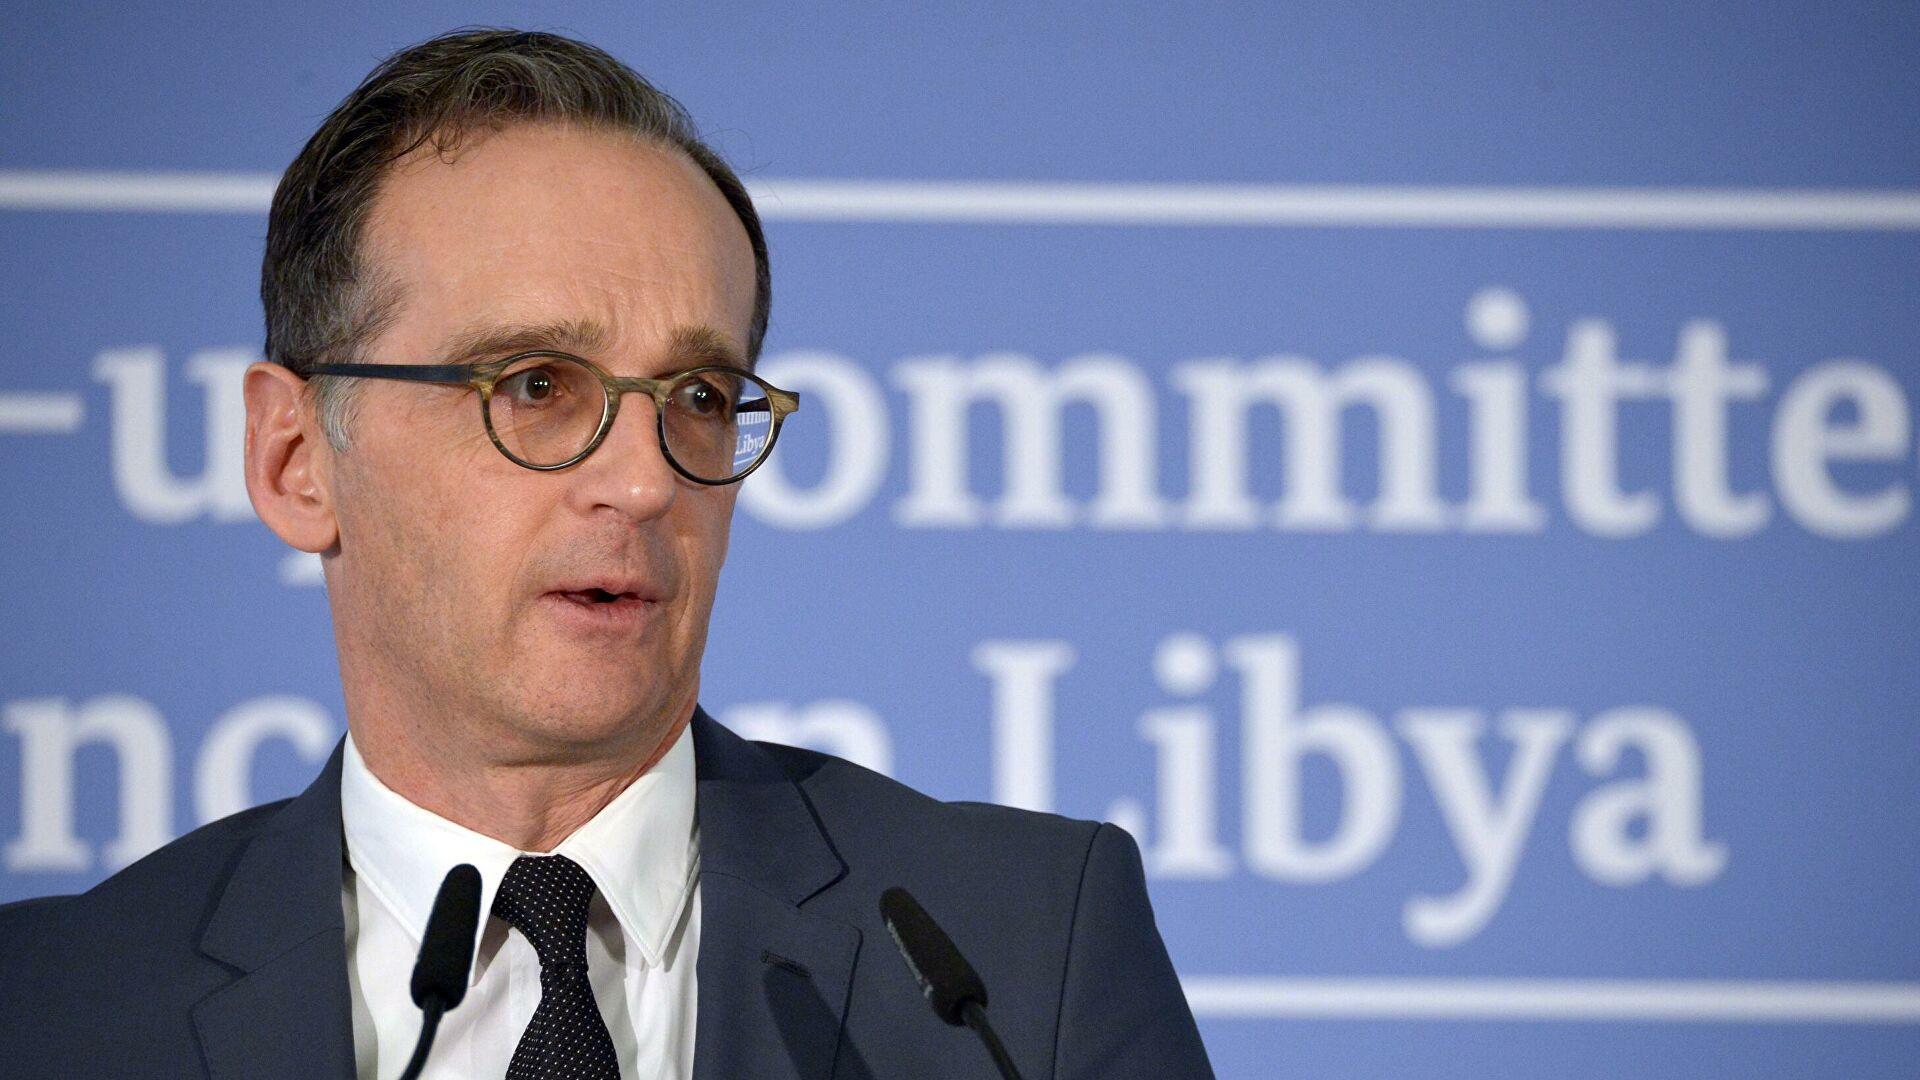 Евросоюз показал готовность к диалогу с Россией, заявил Маас